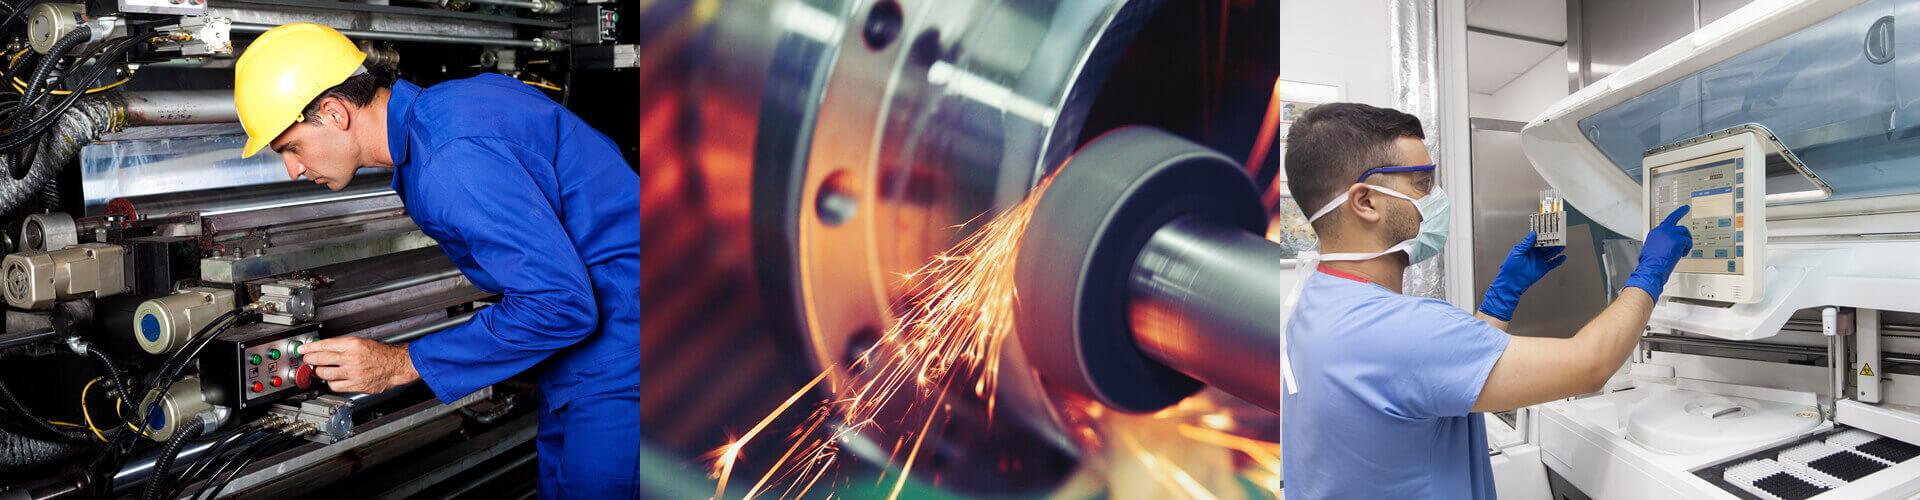 Importação de Máquinas e Equipamentos Usados